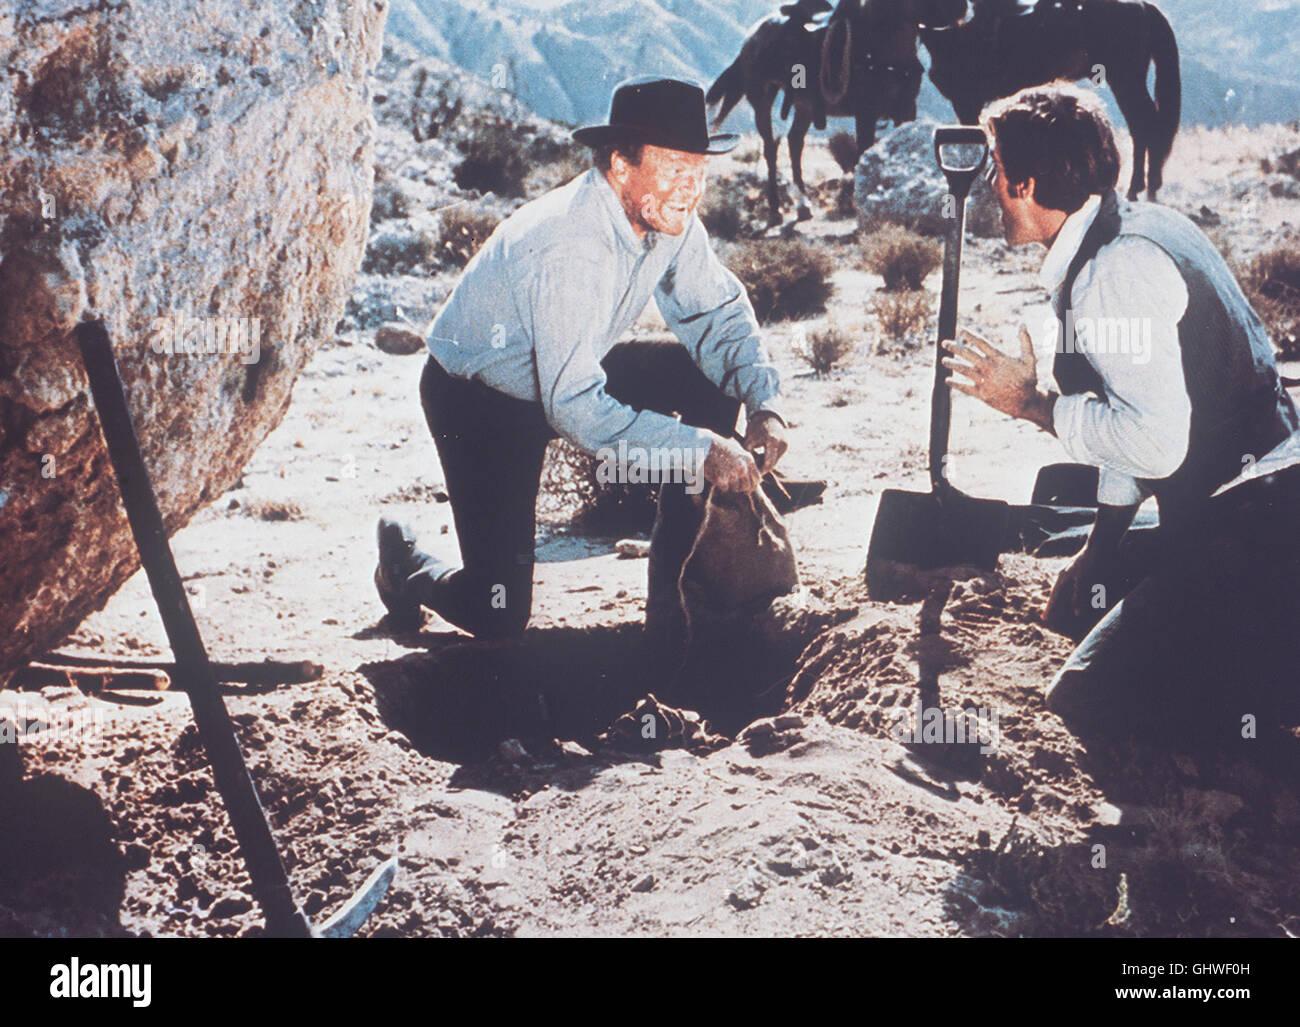 DAS GOLD VON SAM COOPER- Der alte Goldsucher Sam Cooper (VAN HEFLIN) stößt in der Sierra Nevada endlich - Stock Image